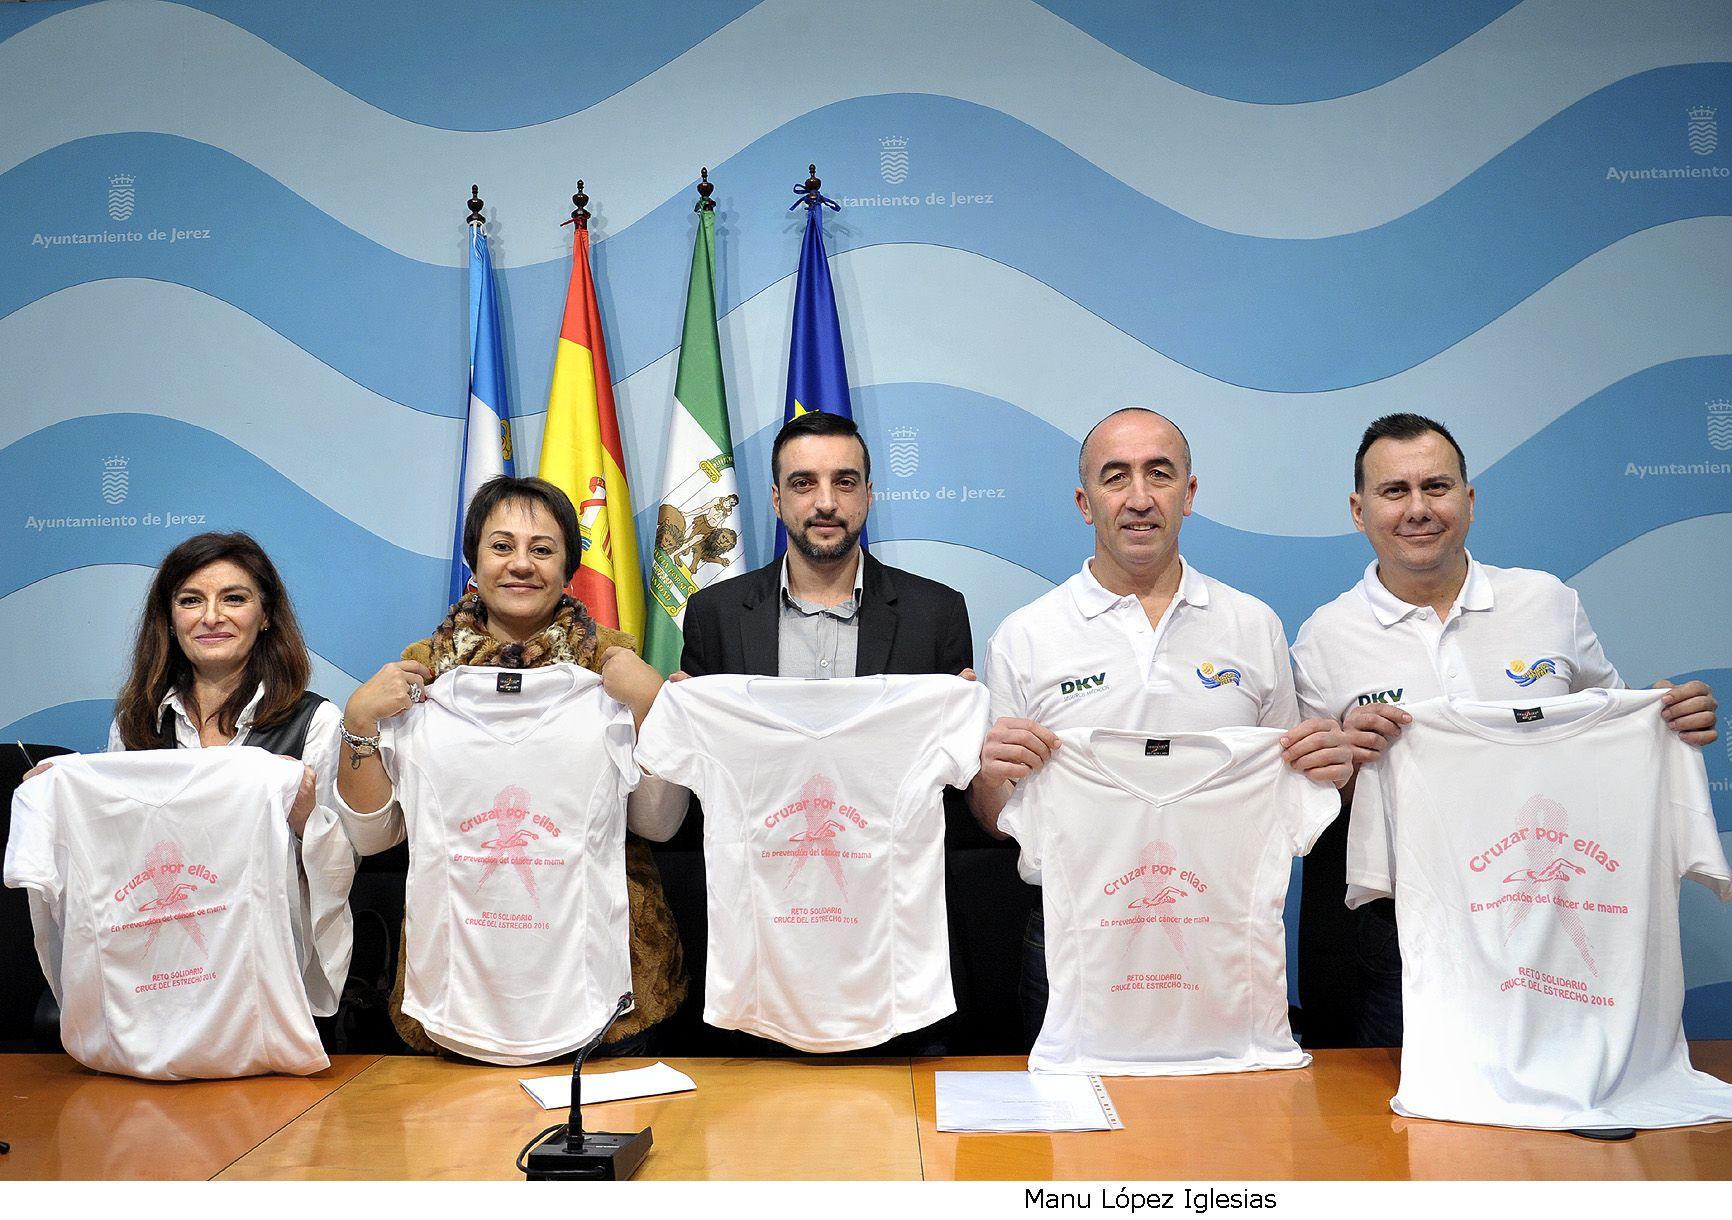 Jose Antonio Diaz pres iniciativa _ Cruzando el Estrecho